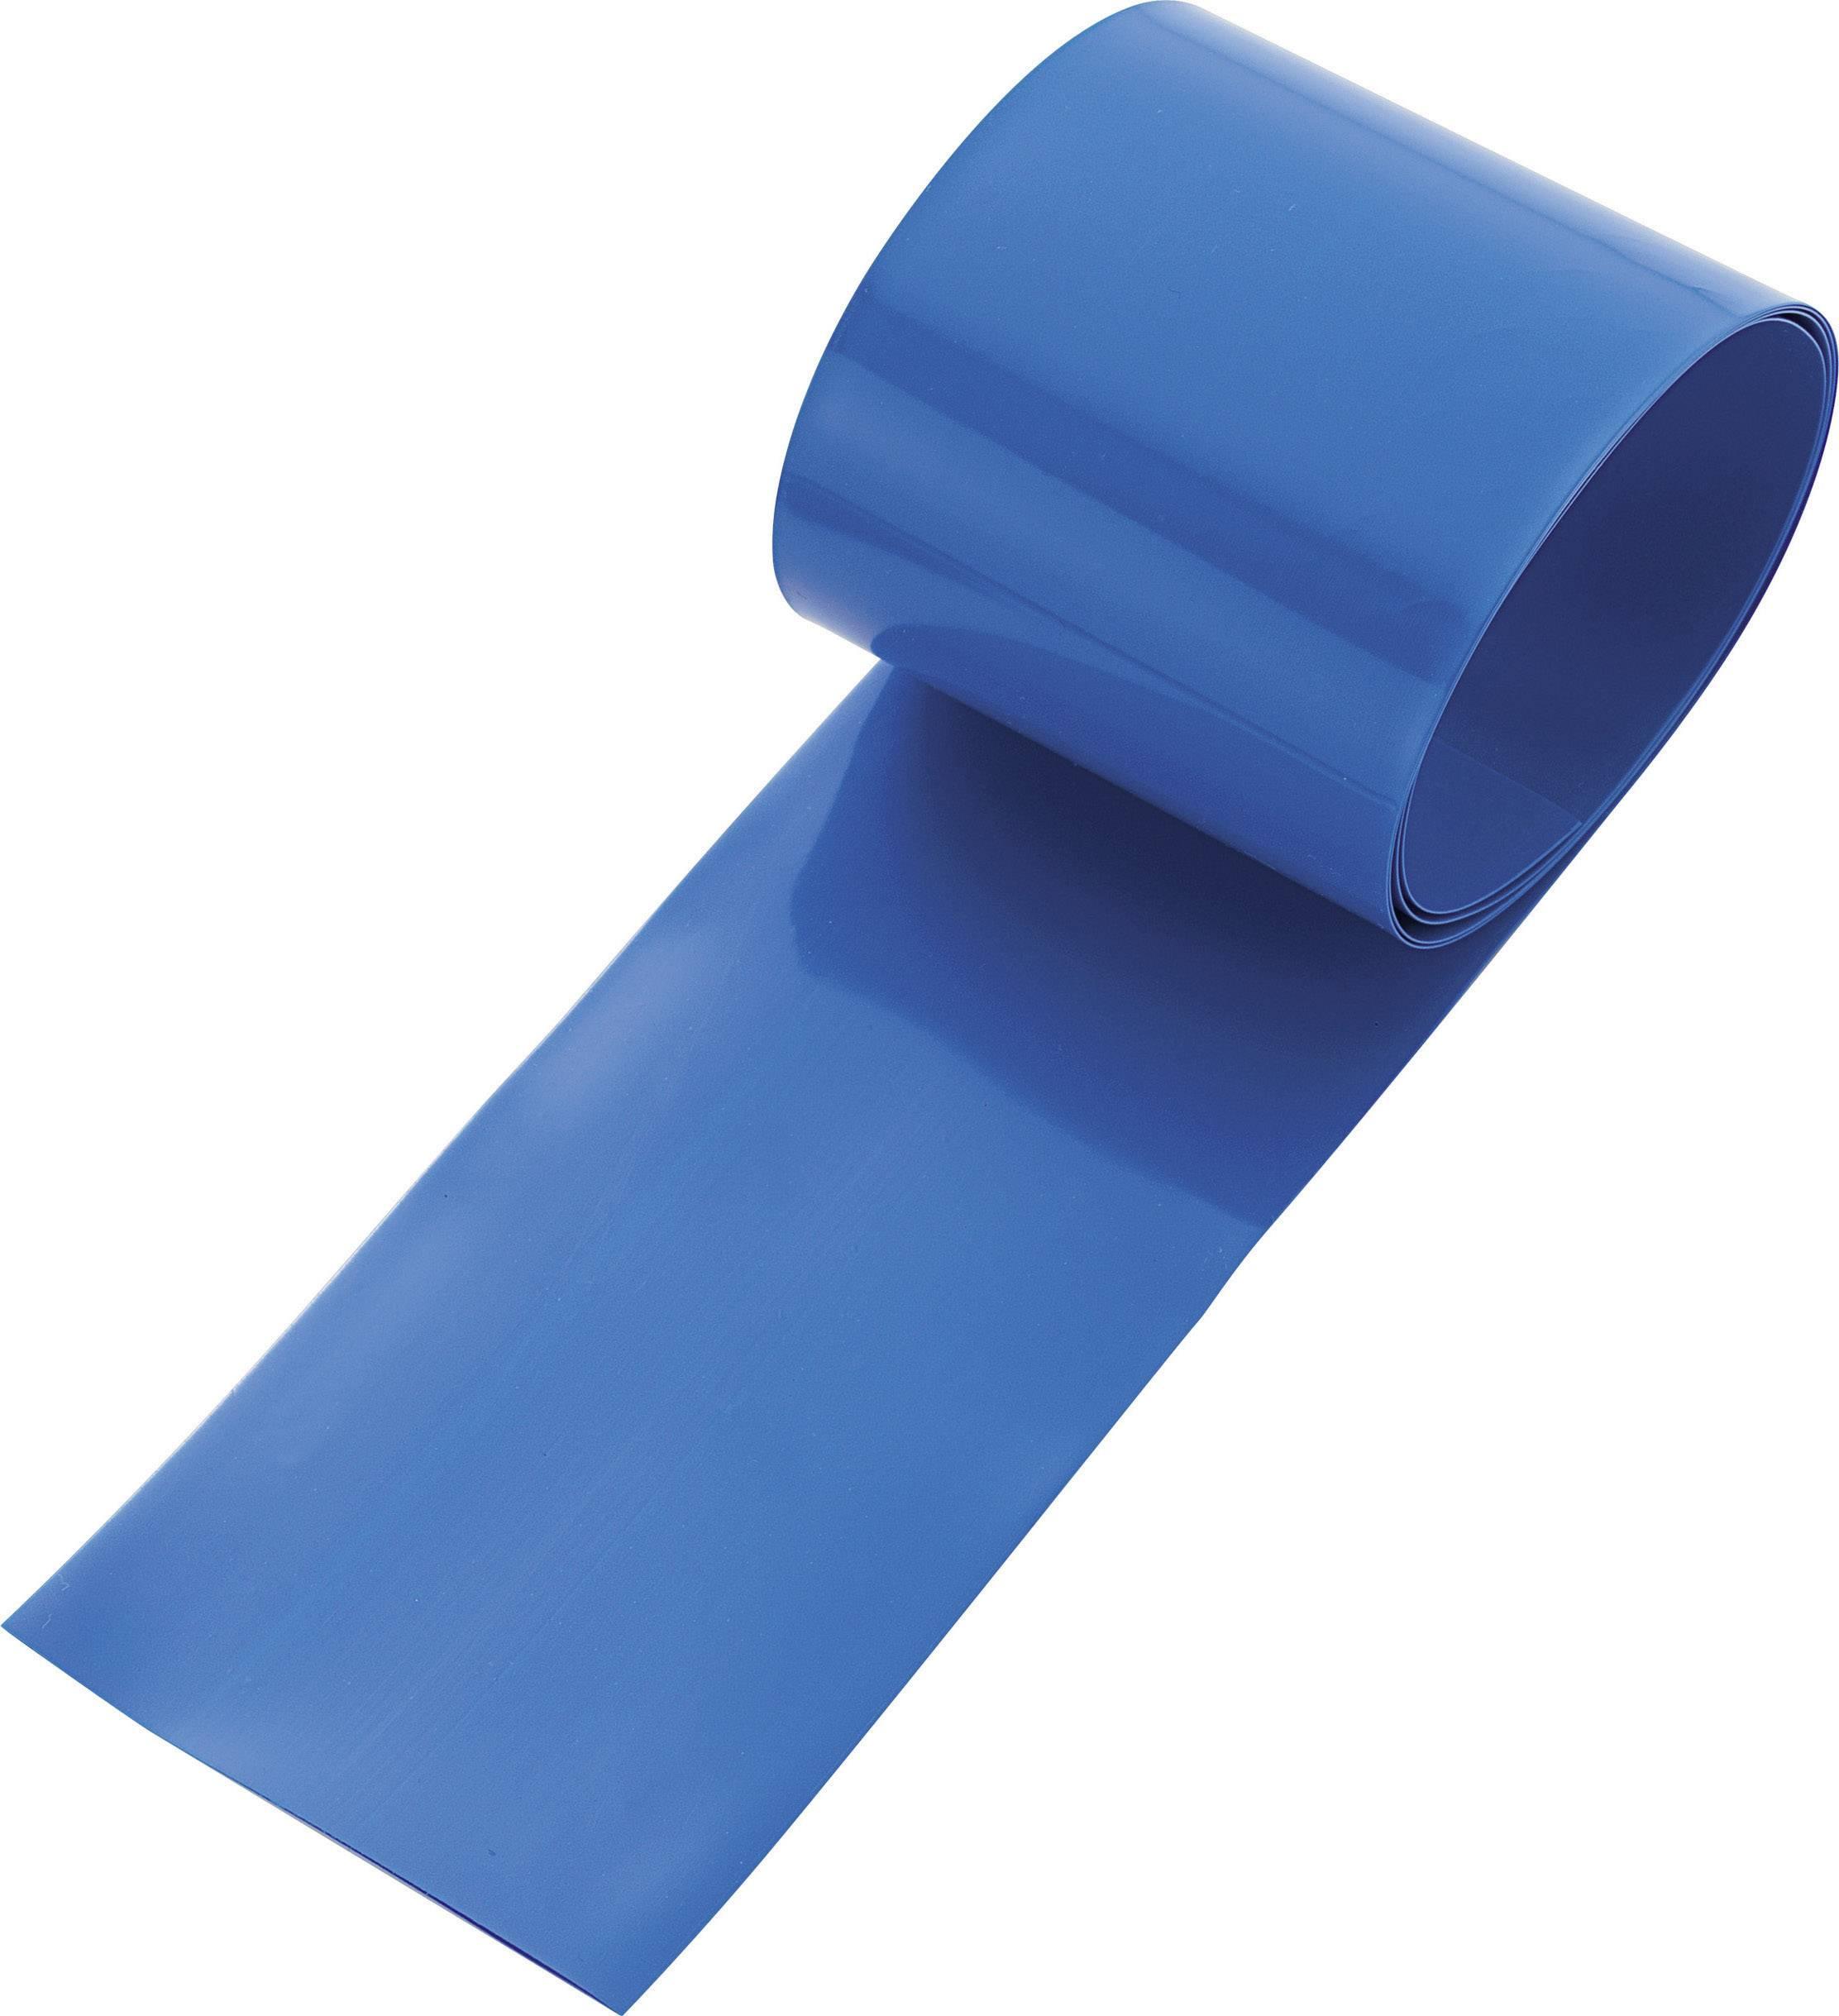 Zmršťovacia bužírka na akumulátory, bez lepidla TRU COMPONENTS 93014c88e, 130 mm, modrá, 1 ks